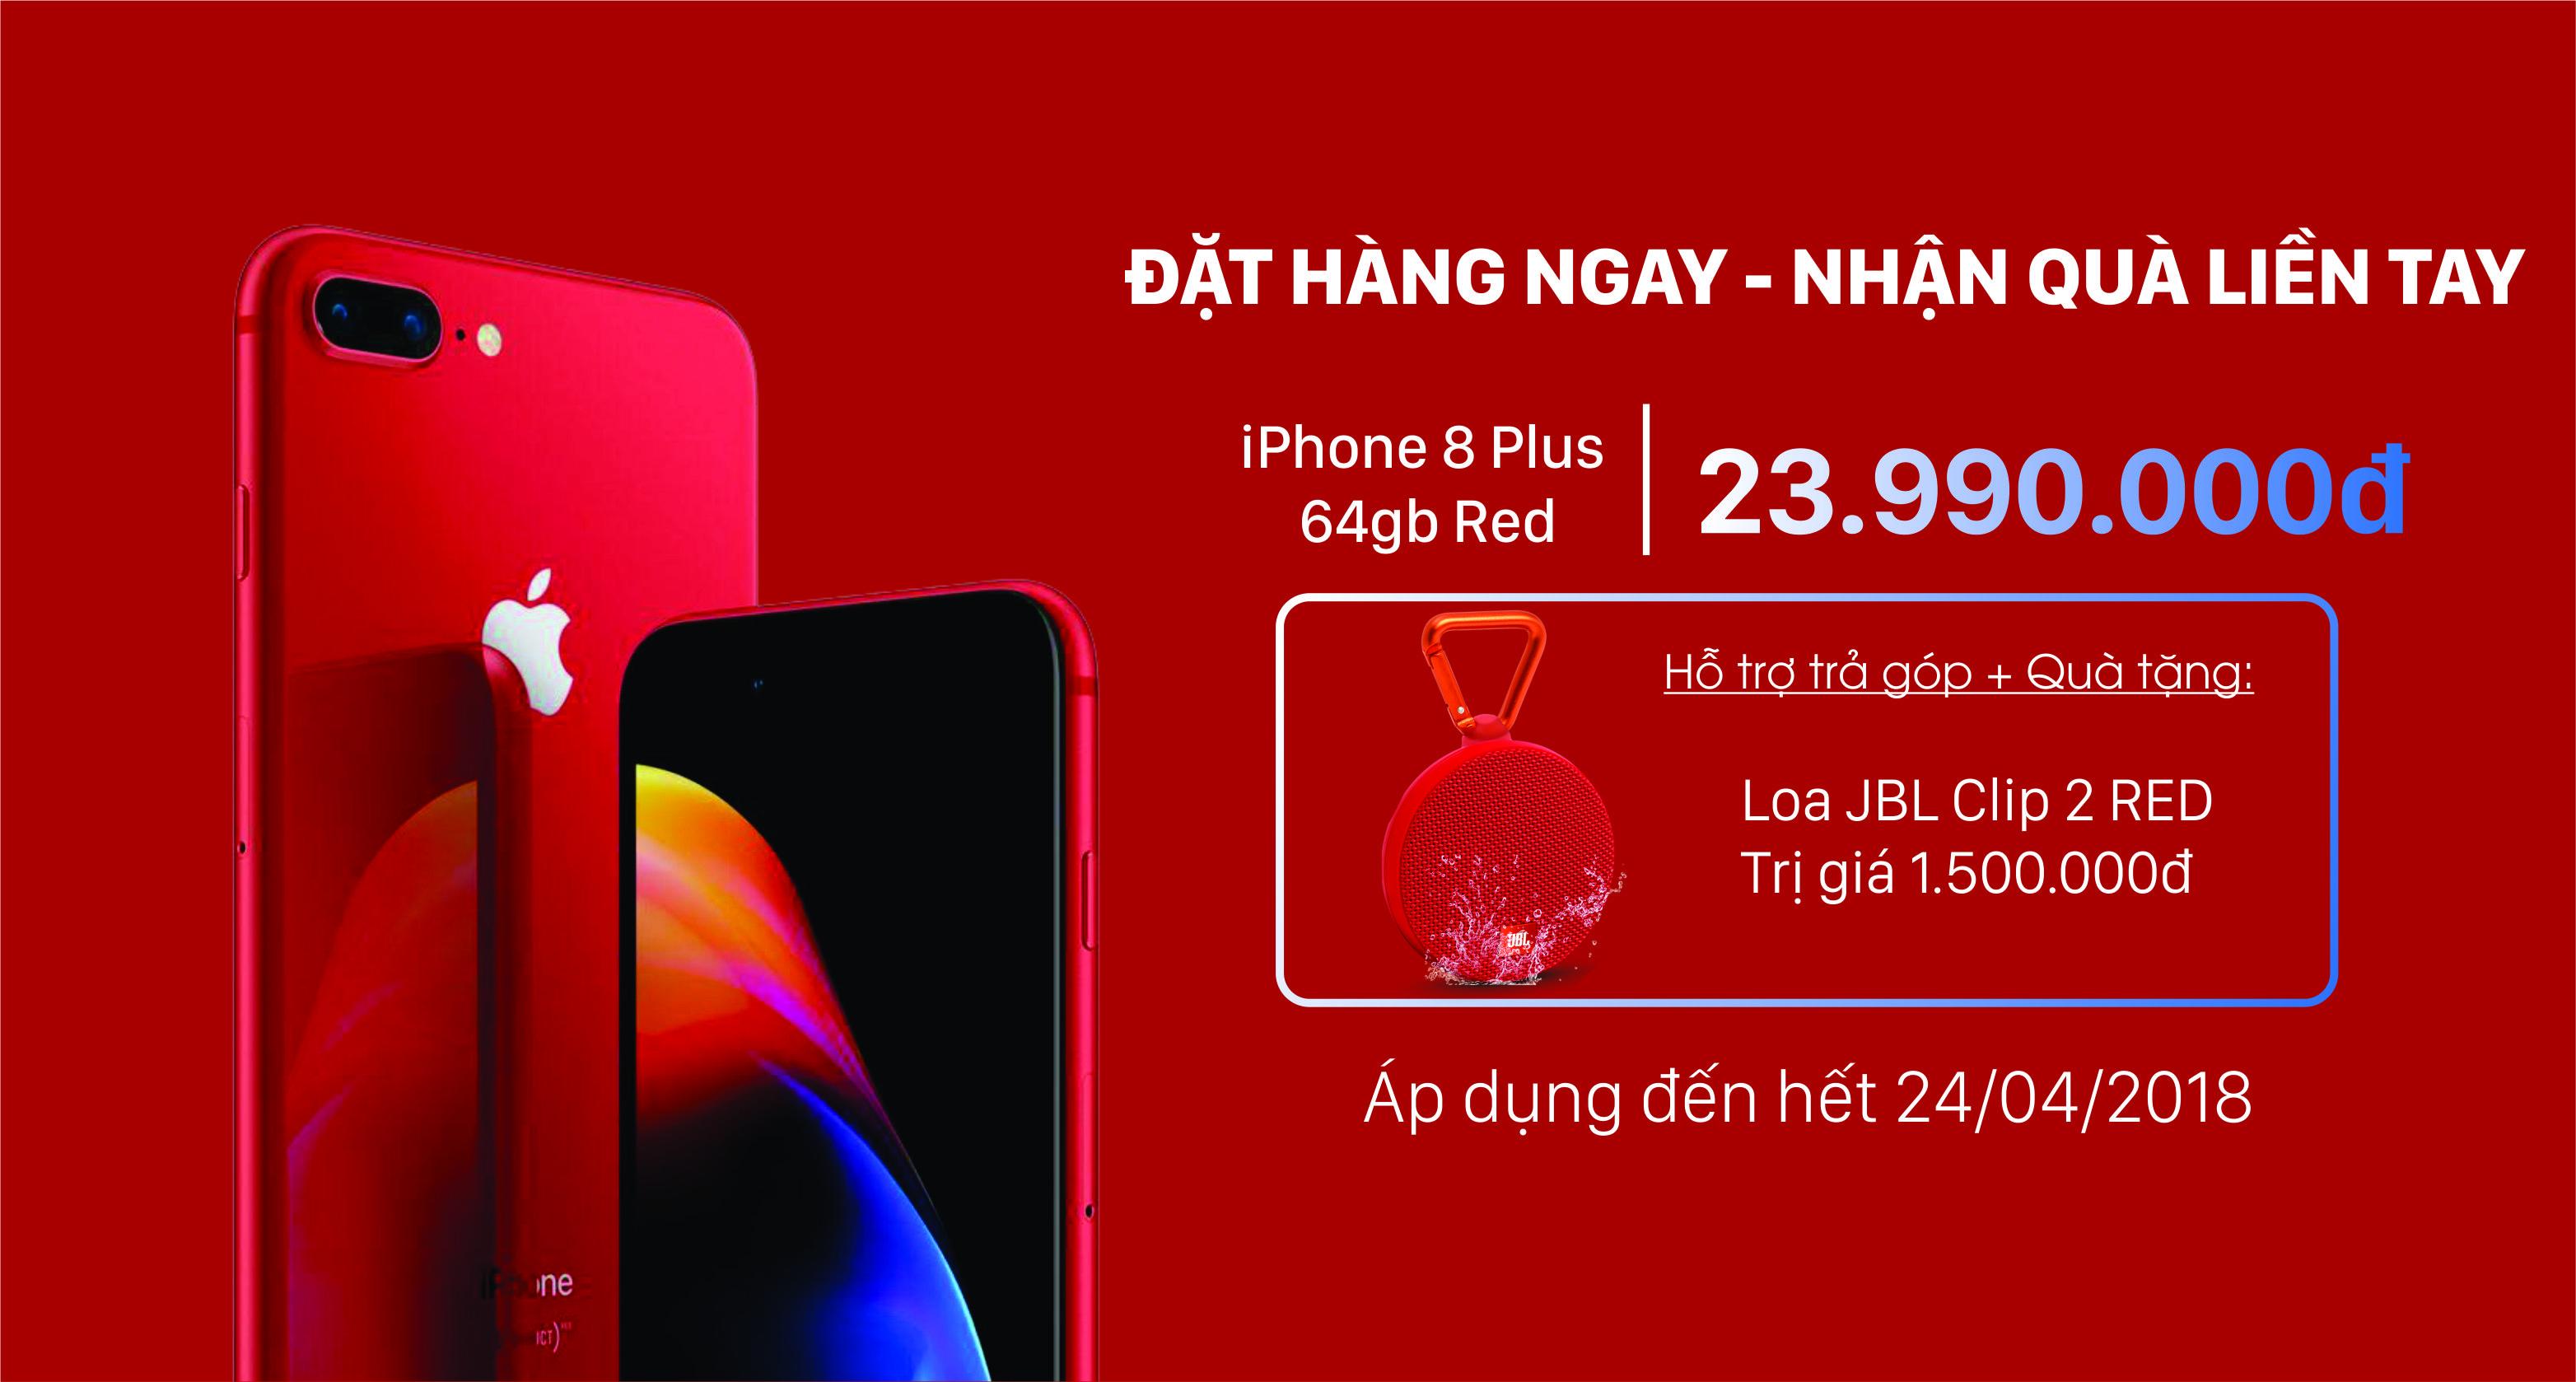 ĐẶT IPHONE 8 PLUS RED - NHẬN QUÀ LIỀN TAY